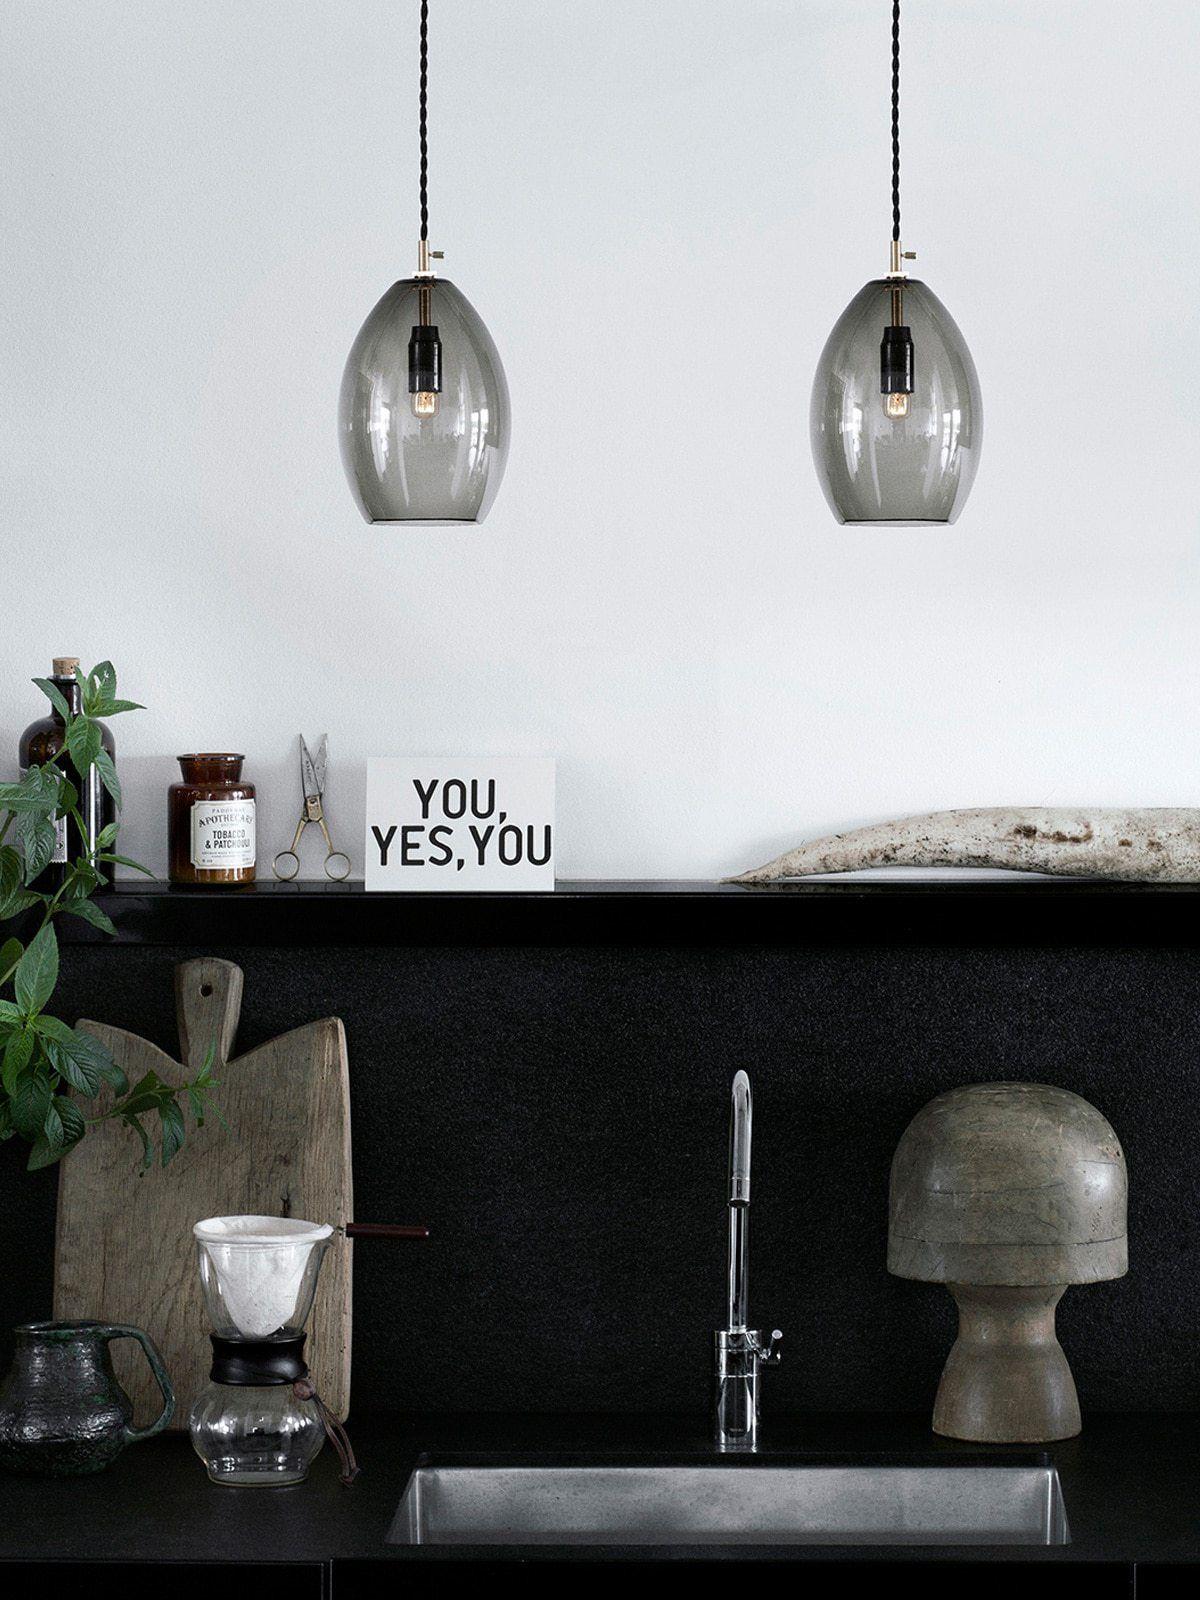 Full Size of Küchenleuchte Kleine Pendelleuchten Aus Glas Designort Blog Wohnzimmer Küchenleuchte